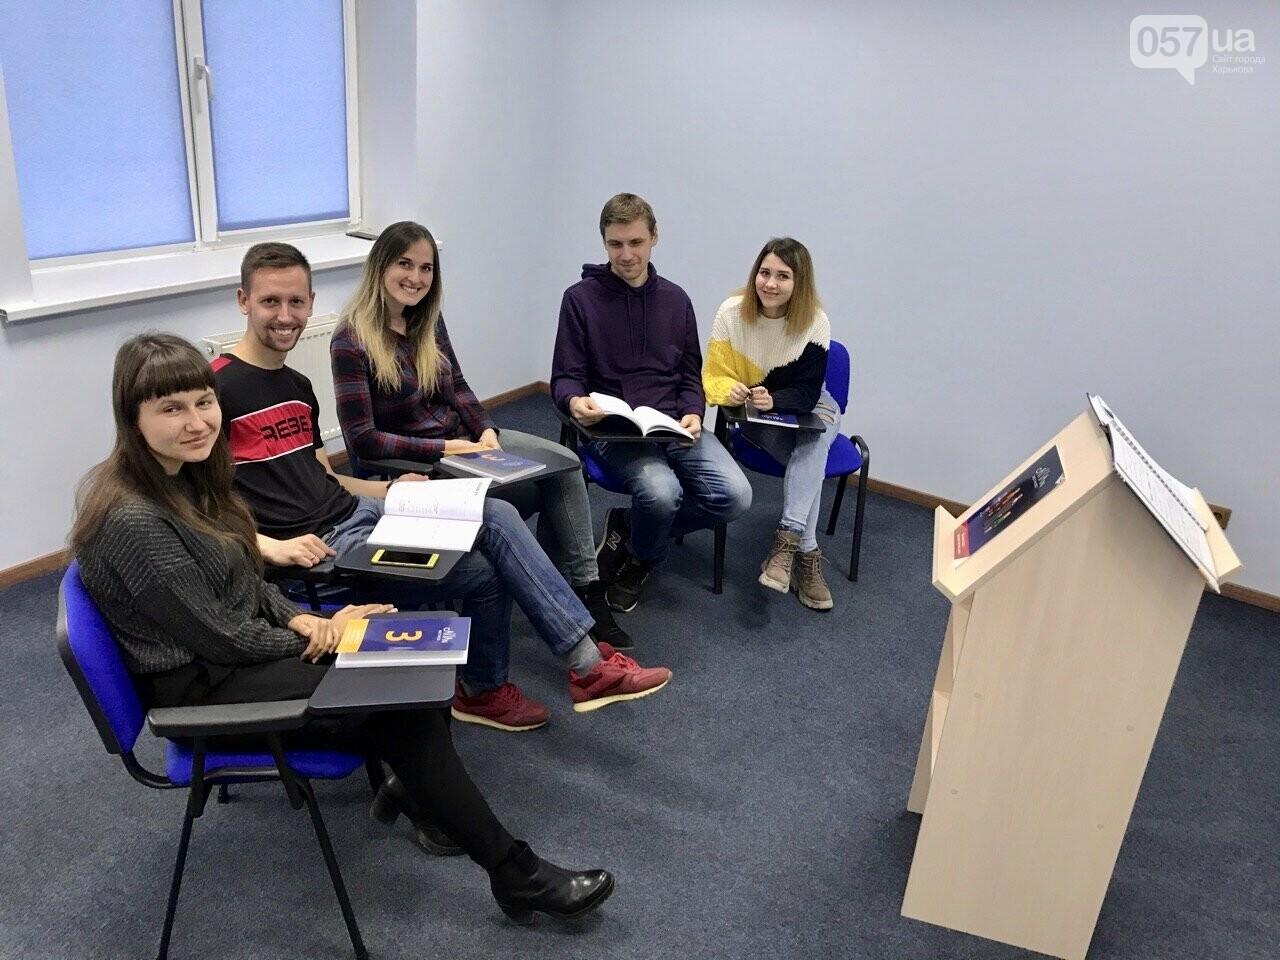 Курсы английского в Харькове ᐈ куда пойти учить английский?, фото-106